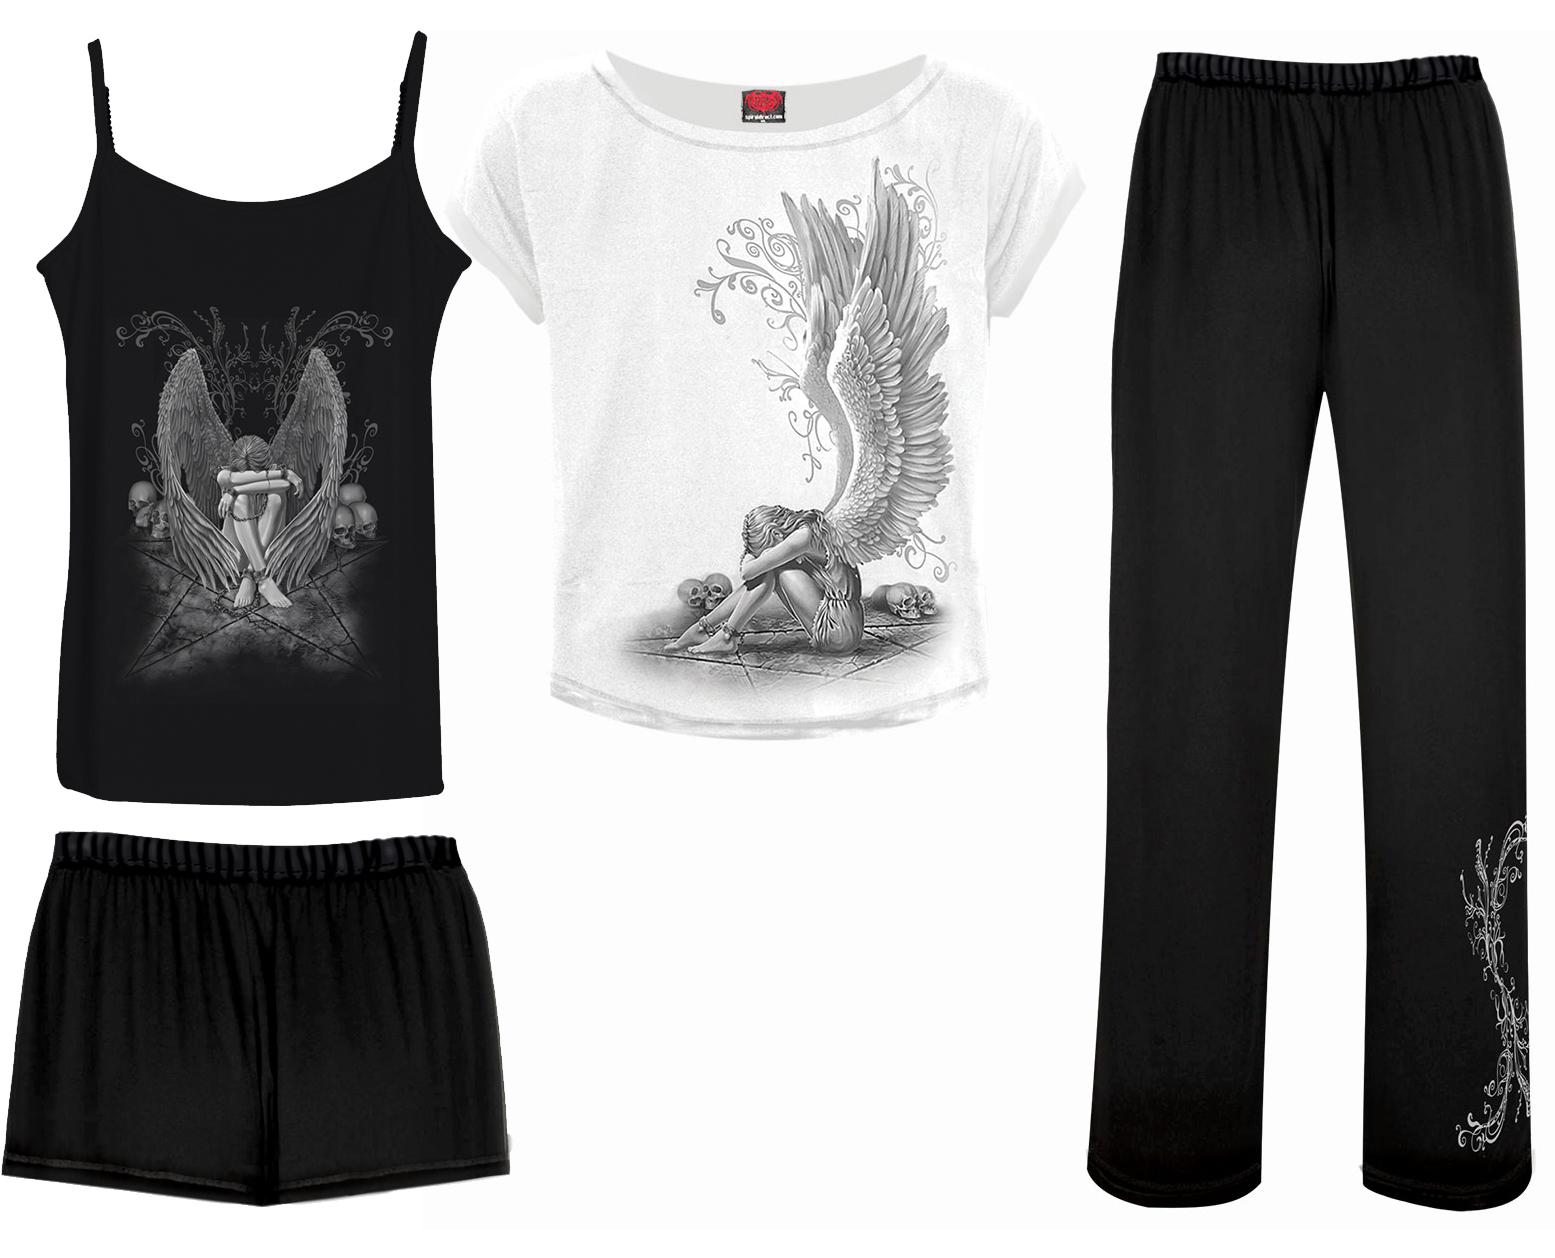 SPIRAL Enslaved Angel 4teilig Gothic Pyjama Set D024G601